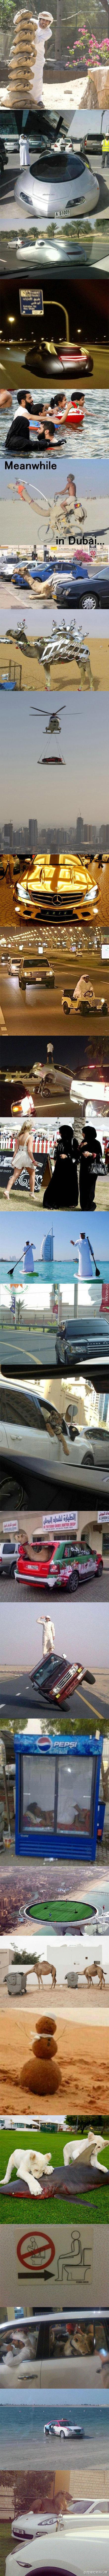 Dubai tyrants.